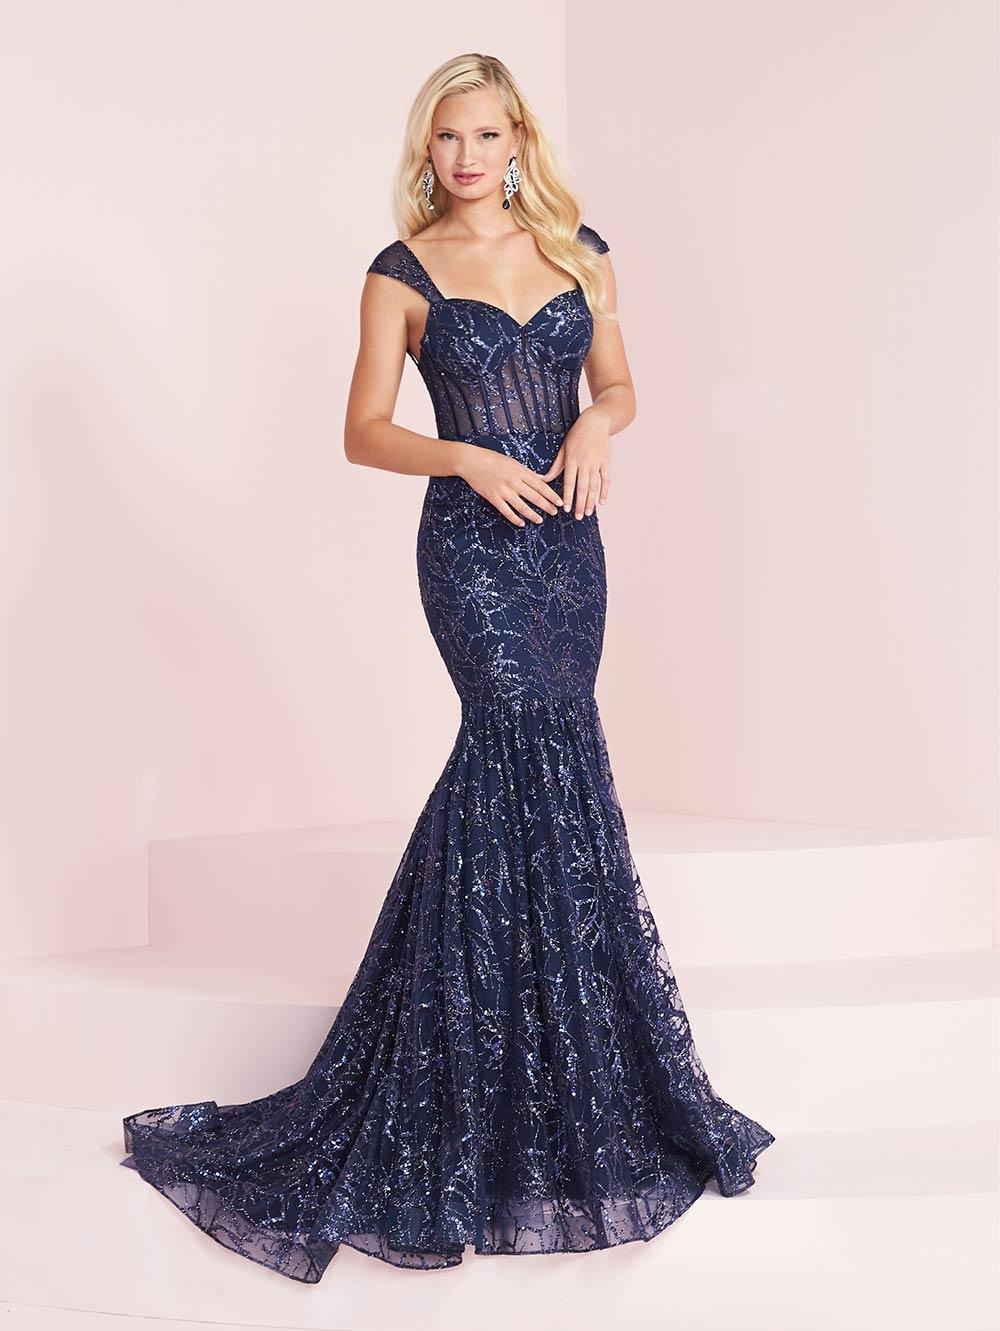 prom-dresses-jacquelin-bridals-canada-27577